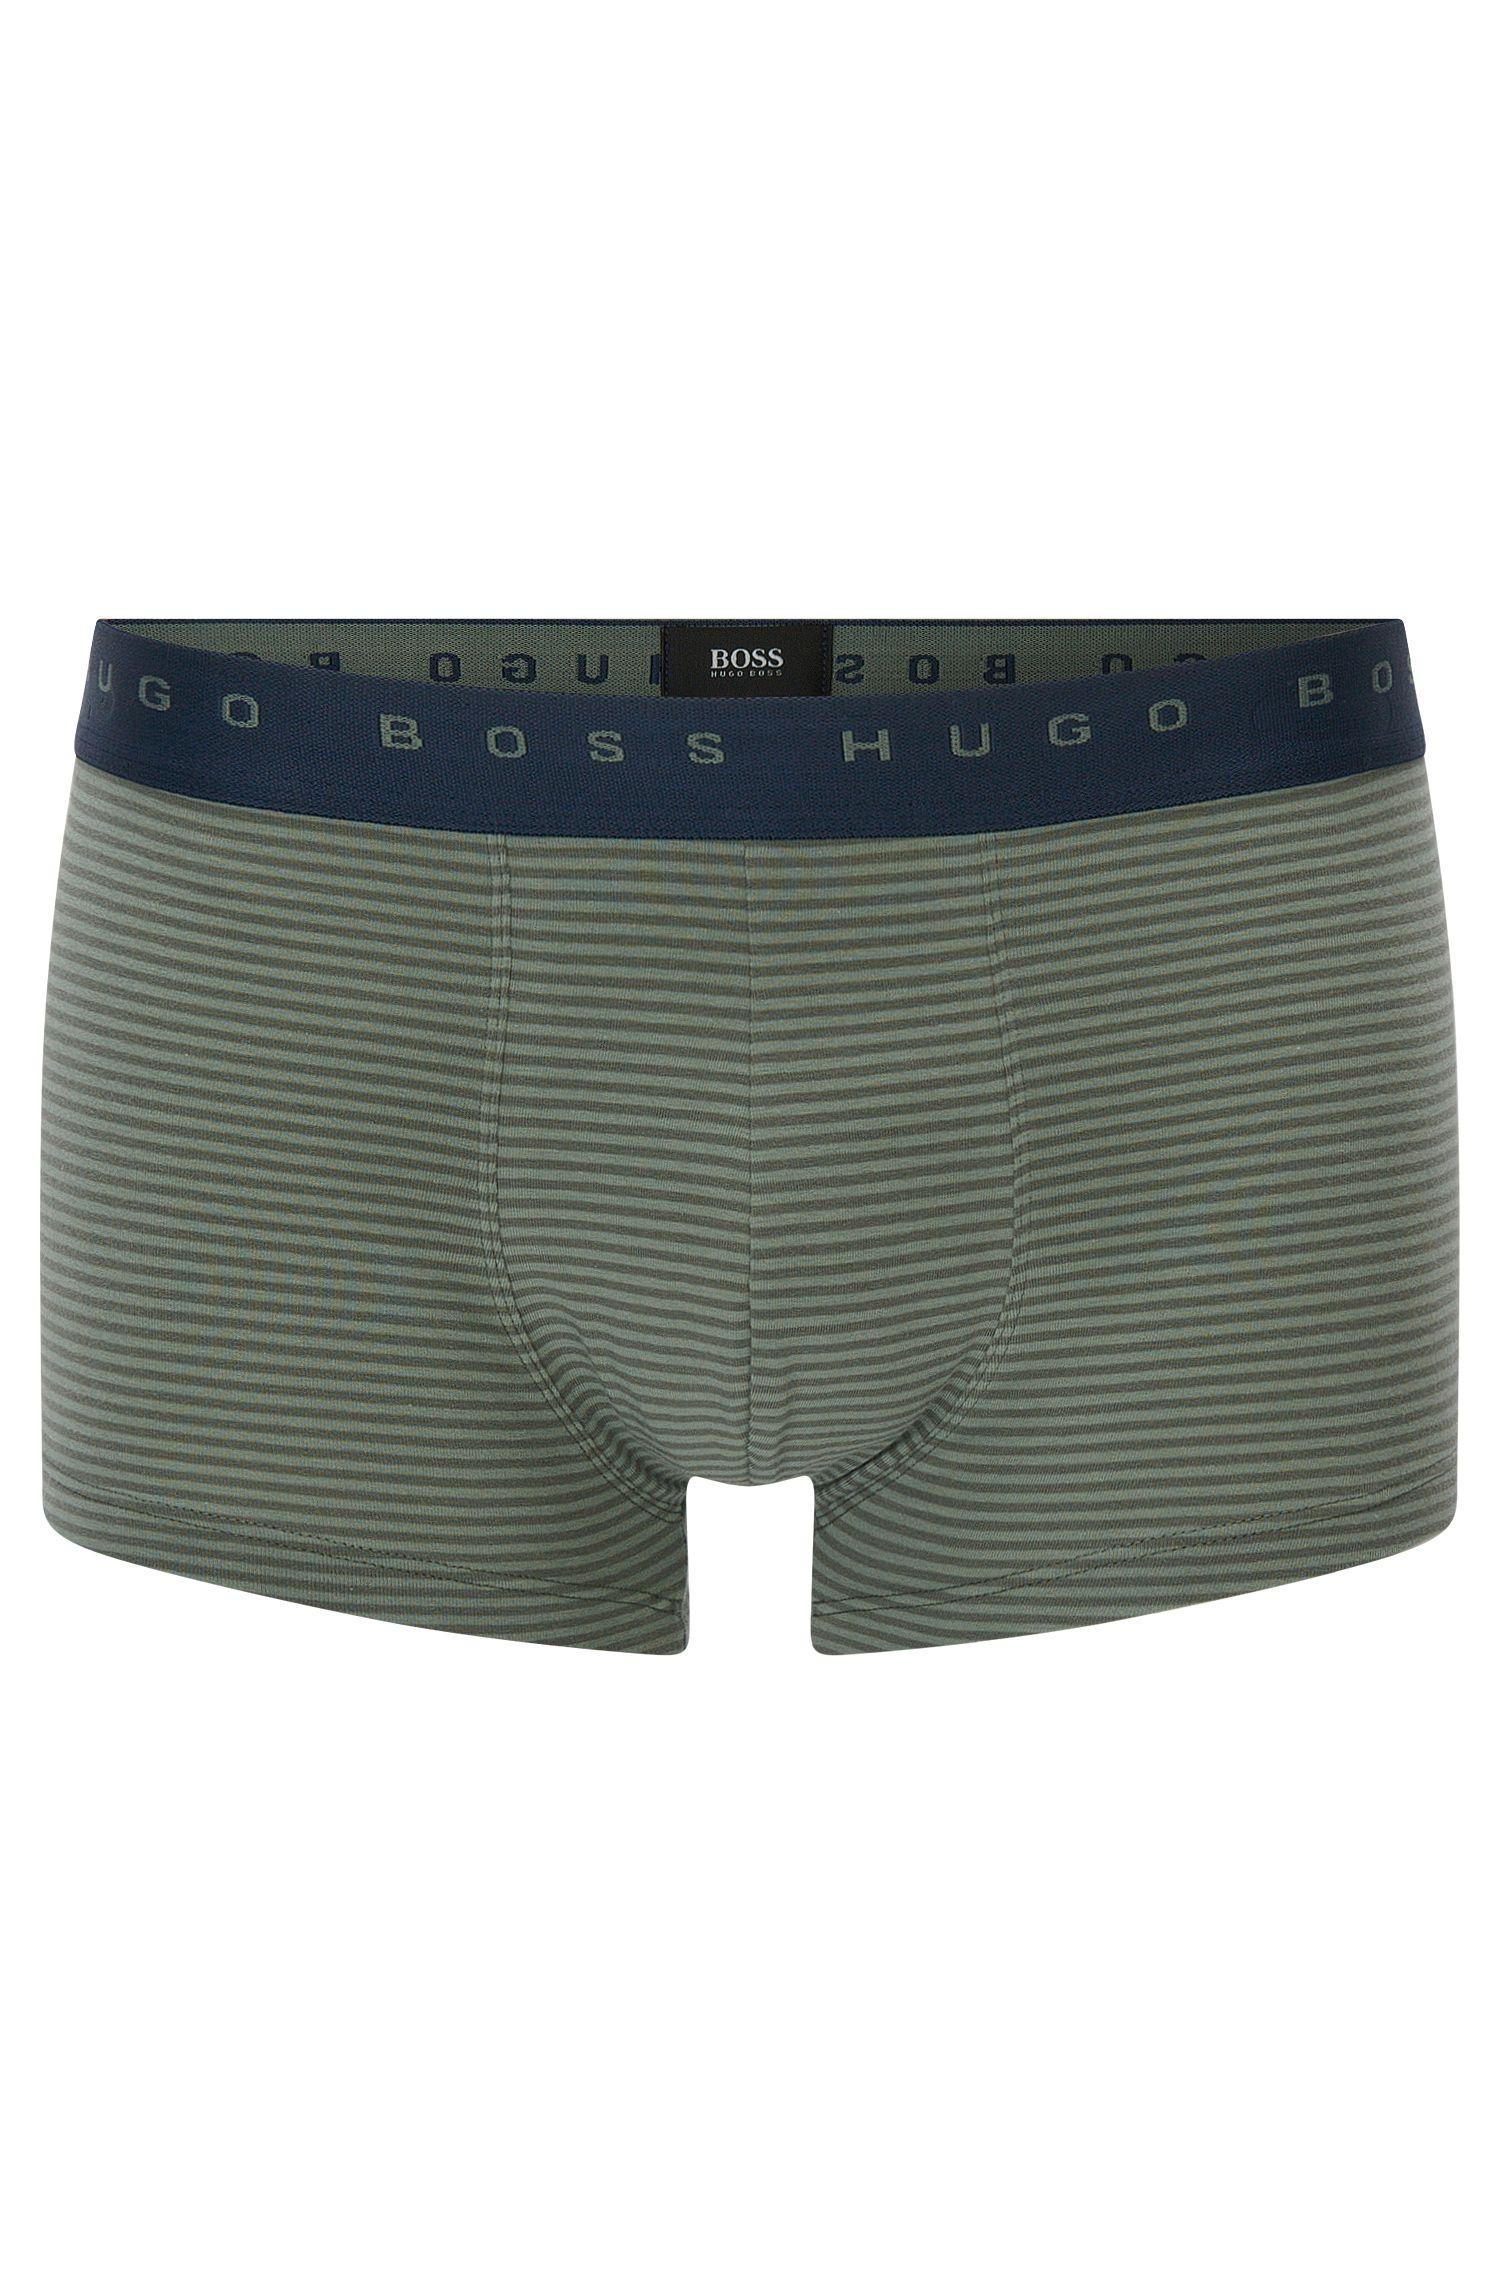 Calzoncillos boxer a rayas en algodón elástico: 'Trunk Finestripe'